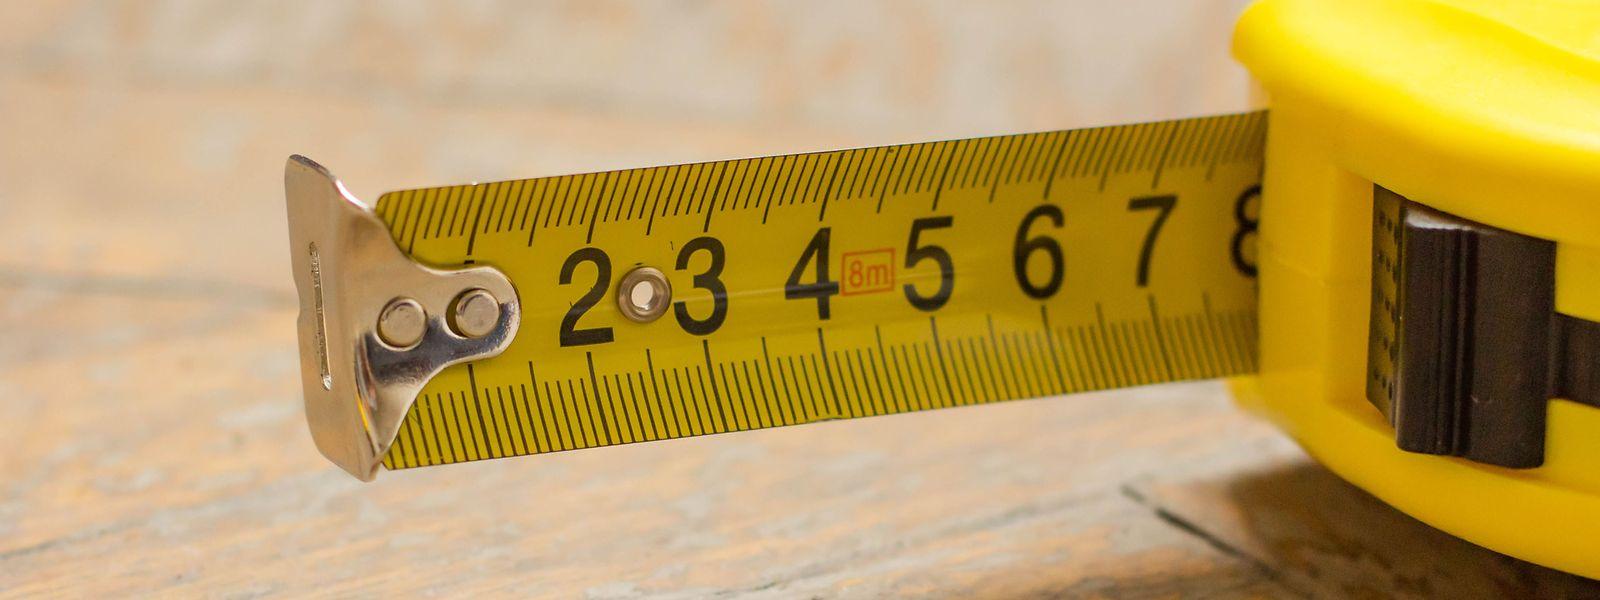 Maßbänder werden häufig genutzt, aber wozu dienen eigentlich der Metallwinkel und das verscchiebbare Ende?